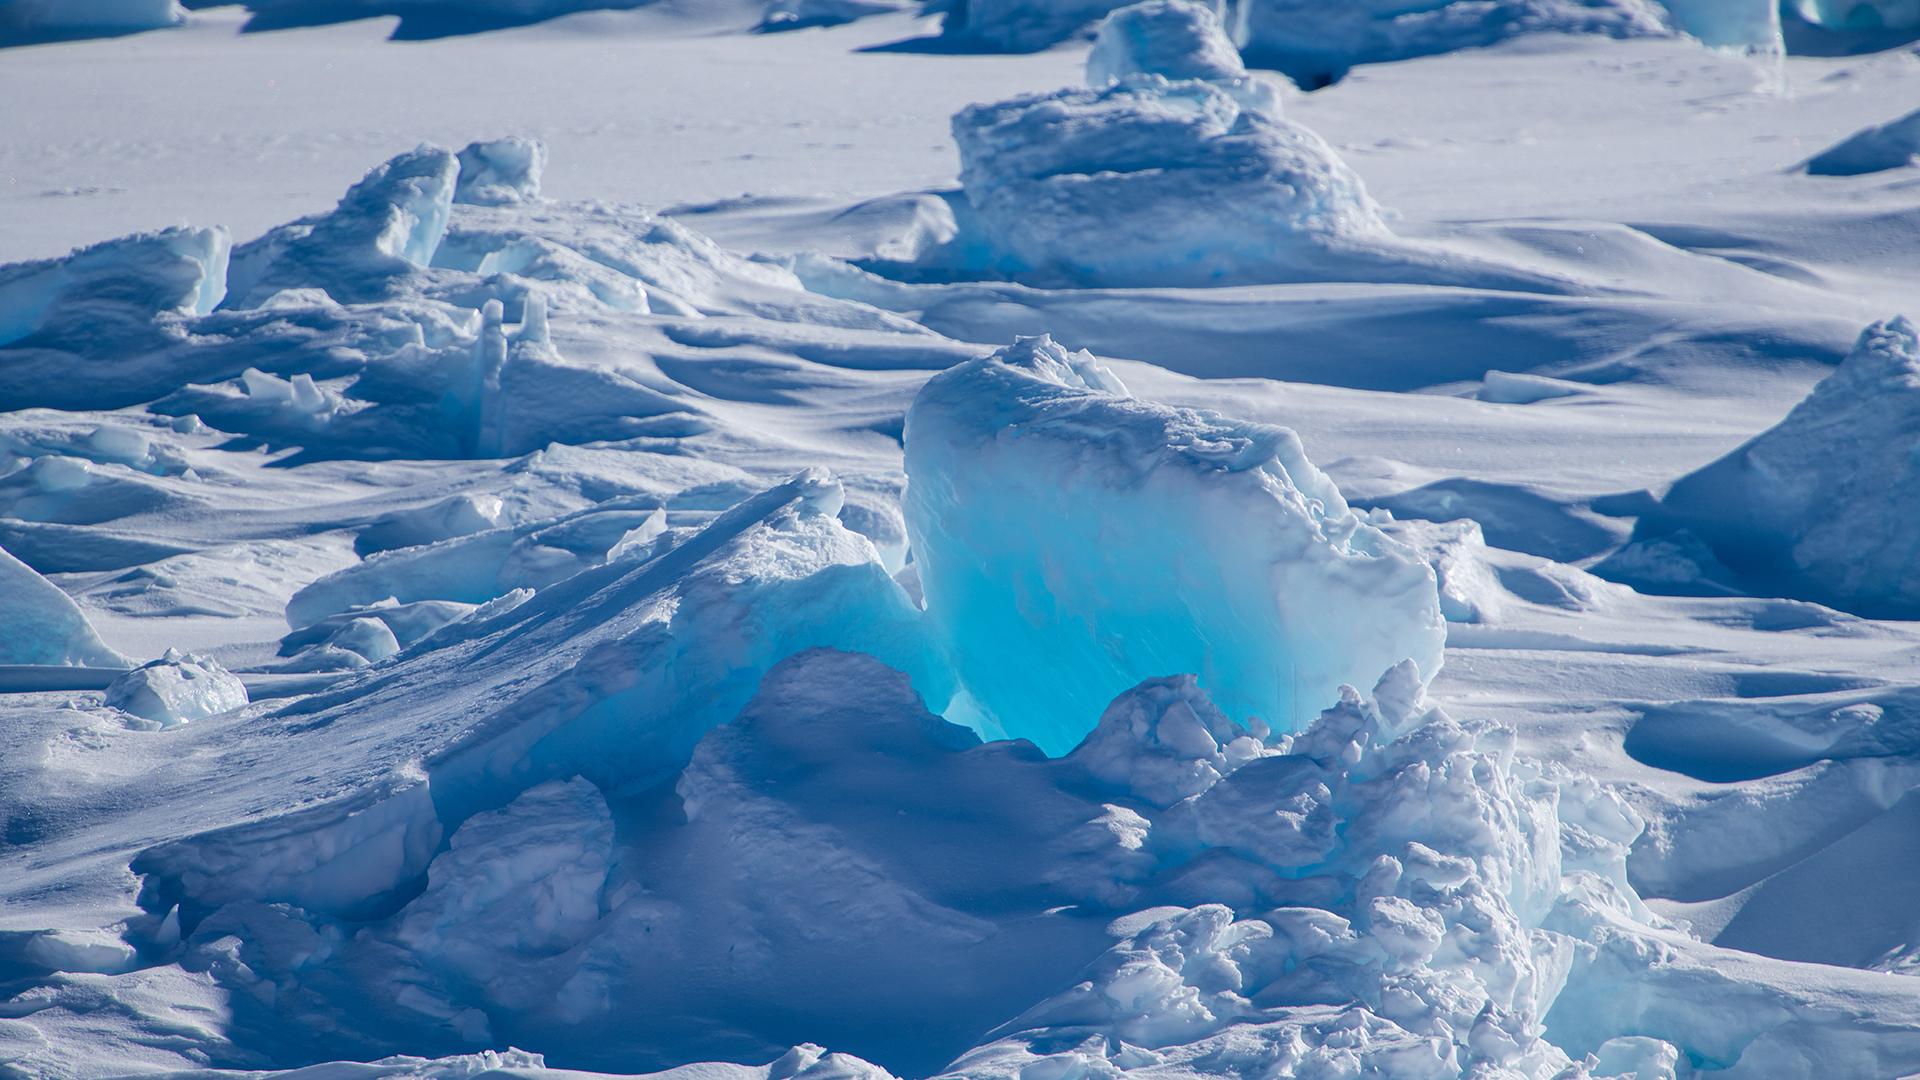 Антарктида картинки для презентации, сделать красивые открытки